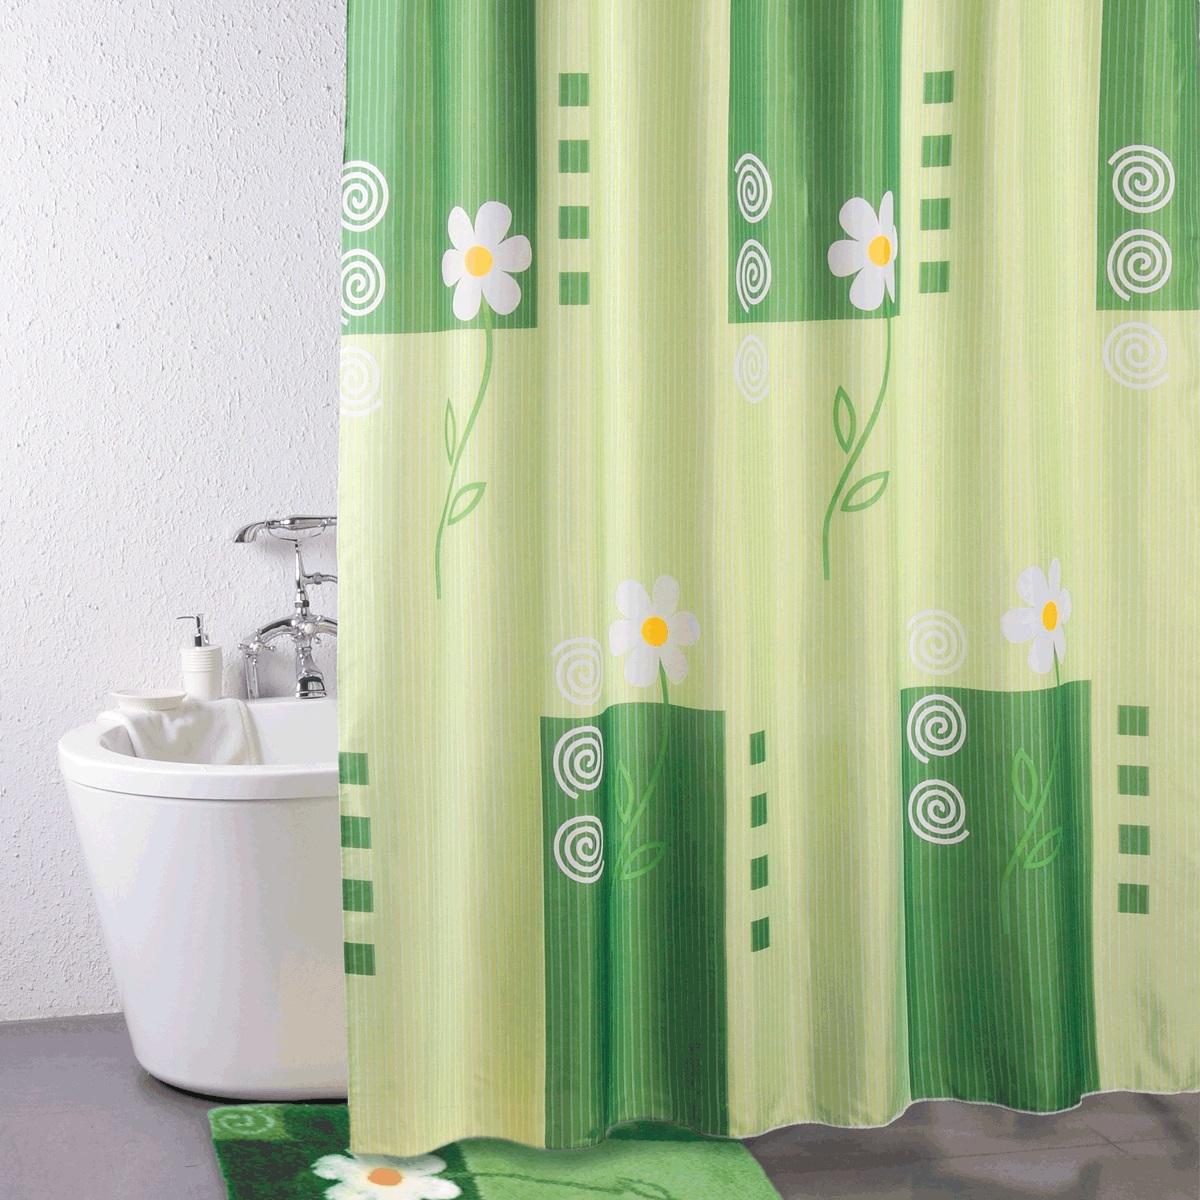 Штора для ванной Iddis Summer Day, цвет: зеленый, 180 x 200 см140P200i11Штора для ванной комнаты Iddis выполнена из быстросохнущего материала - 100% полиэстера, что обеспечивает прочность изделия и легкость ухода за ним.Материал шторы пропитан специальным водоотталкивающим составом Waterprof.Изделие изготовлено из экологически-чистого материала, оно обладает высокой степенью гигиеничности, не вызывает аллергических реакций.Штора имеет 12 металлических люверсов. В комплекте: штора и кольца с системой Click.